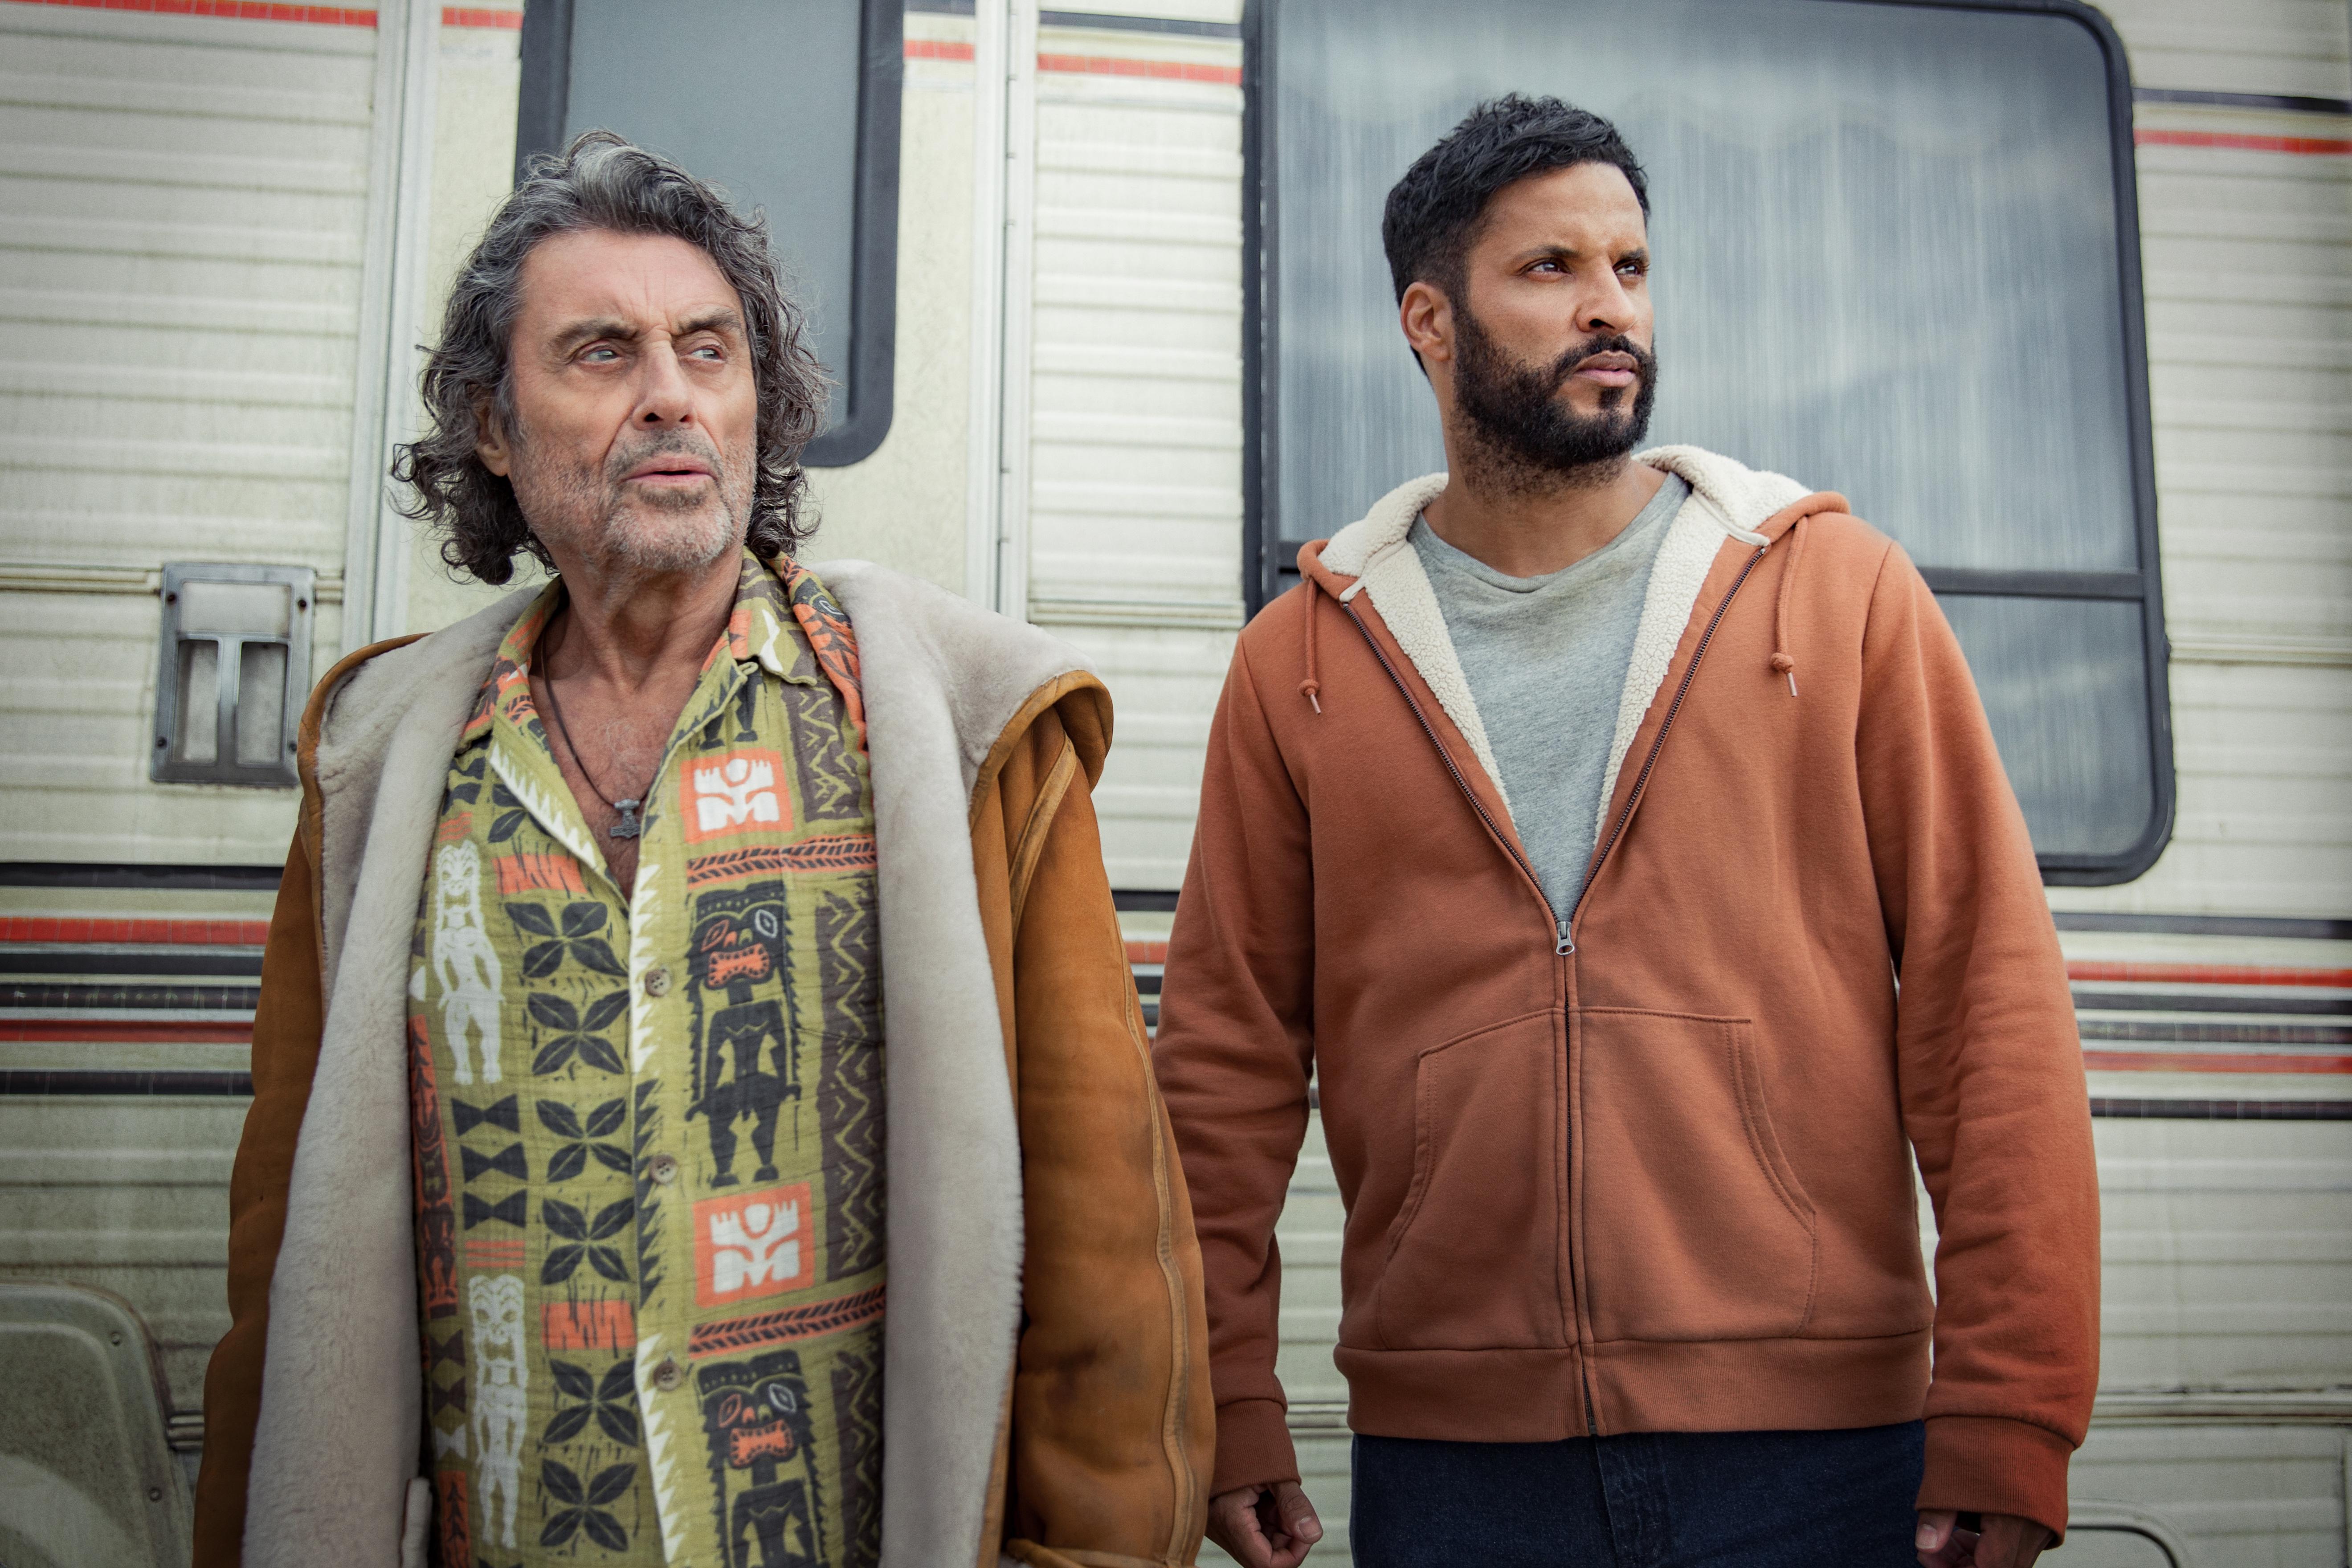 Deuses Americanos | Amazon anuncia o inicio da produção da 3ª temporada 1